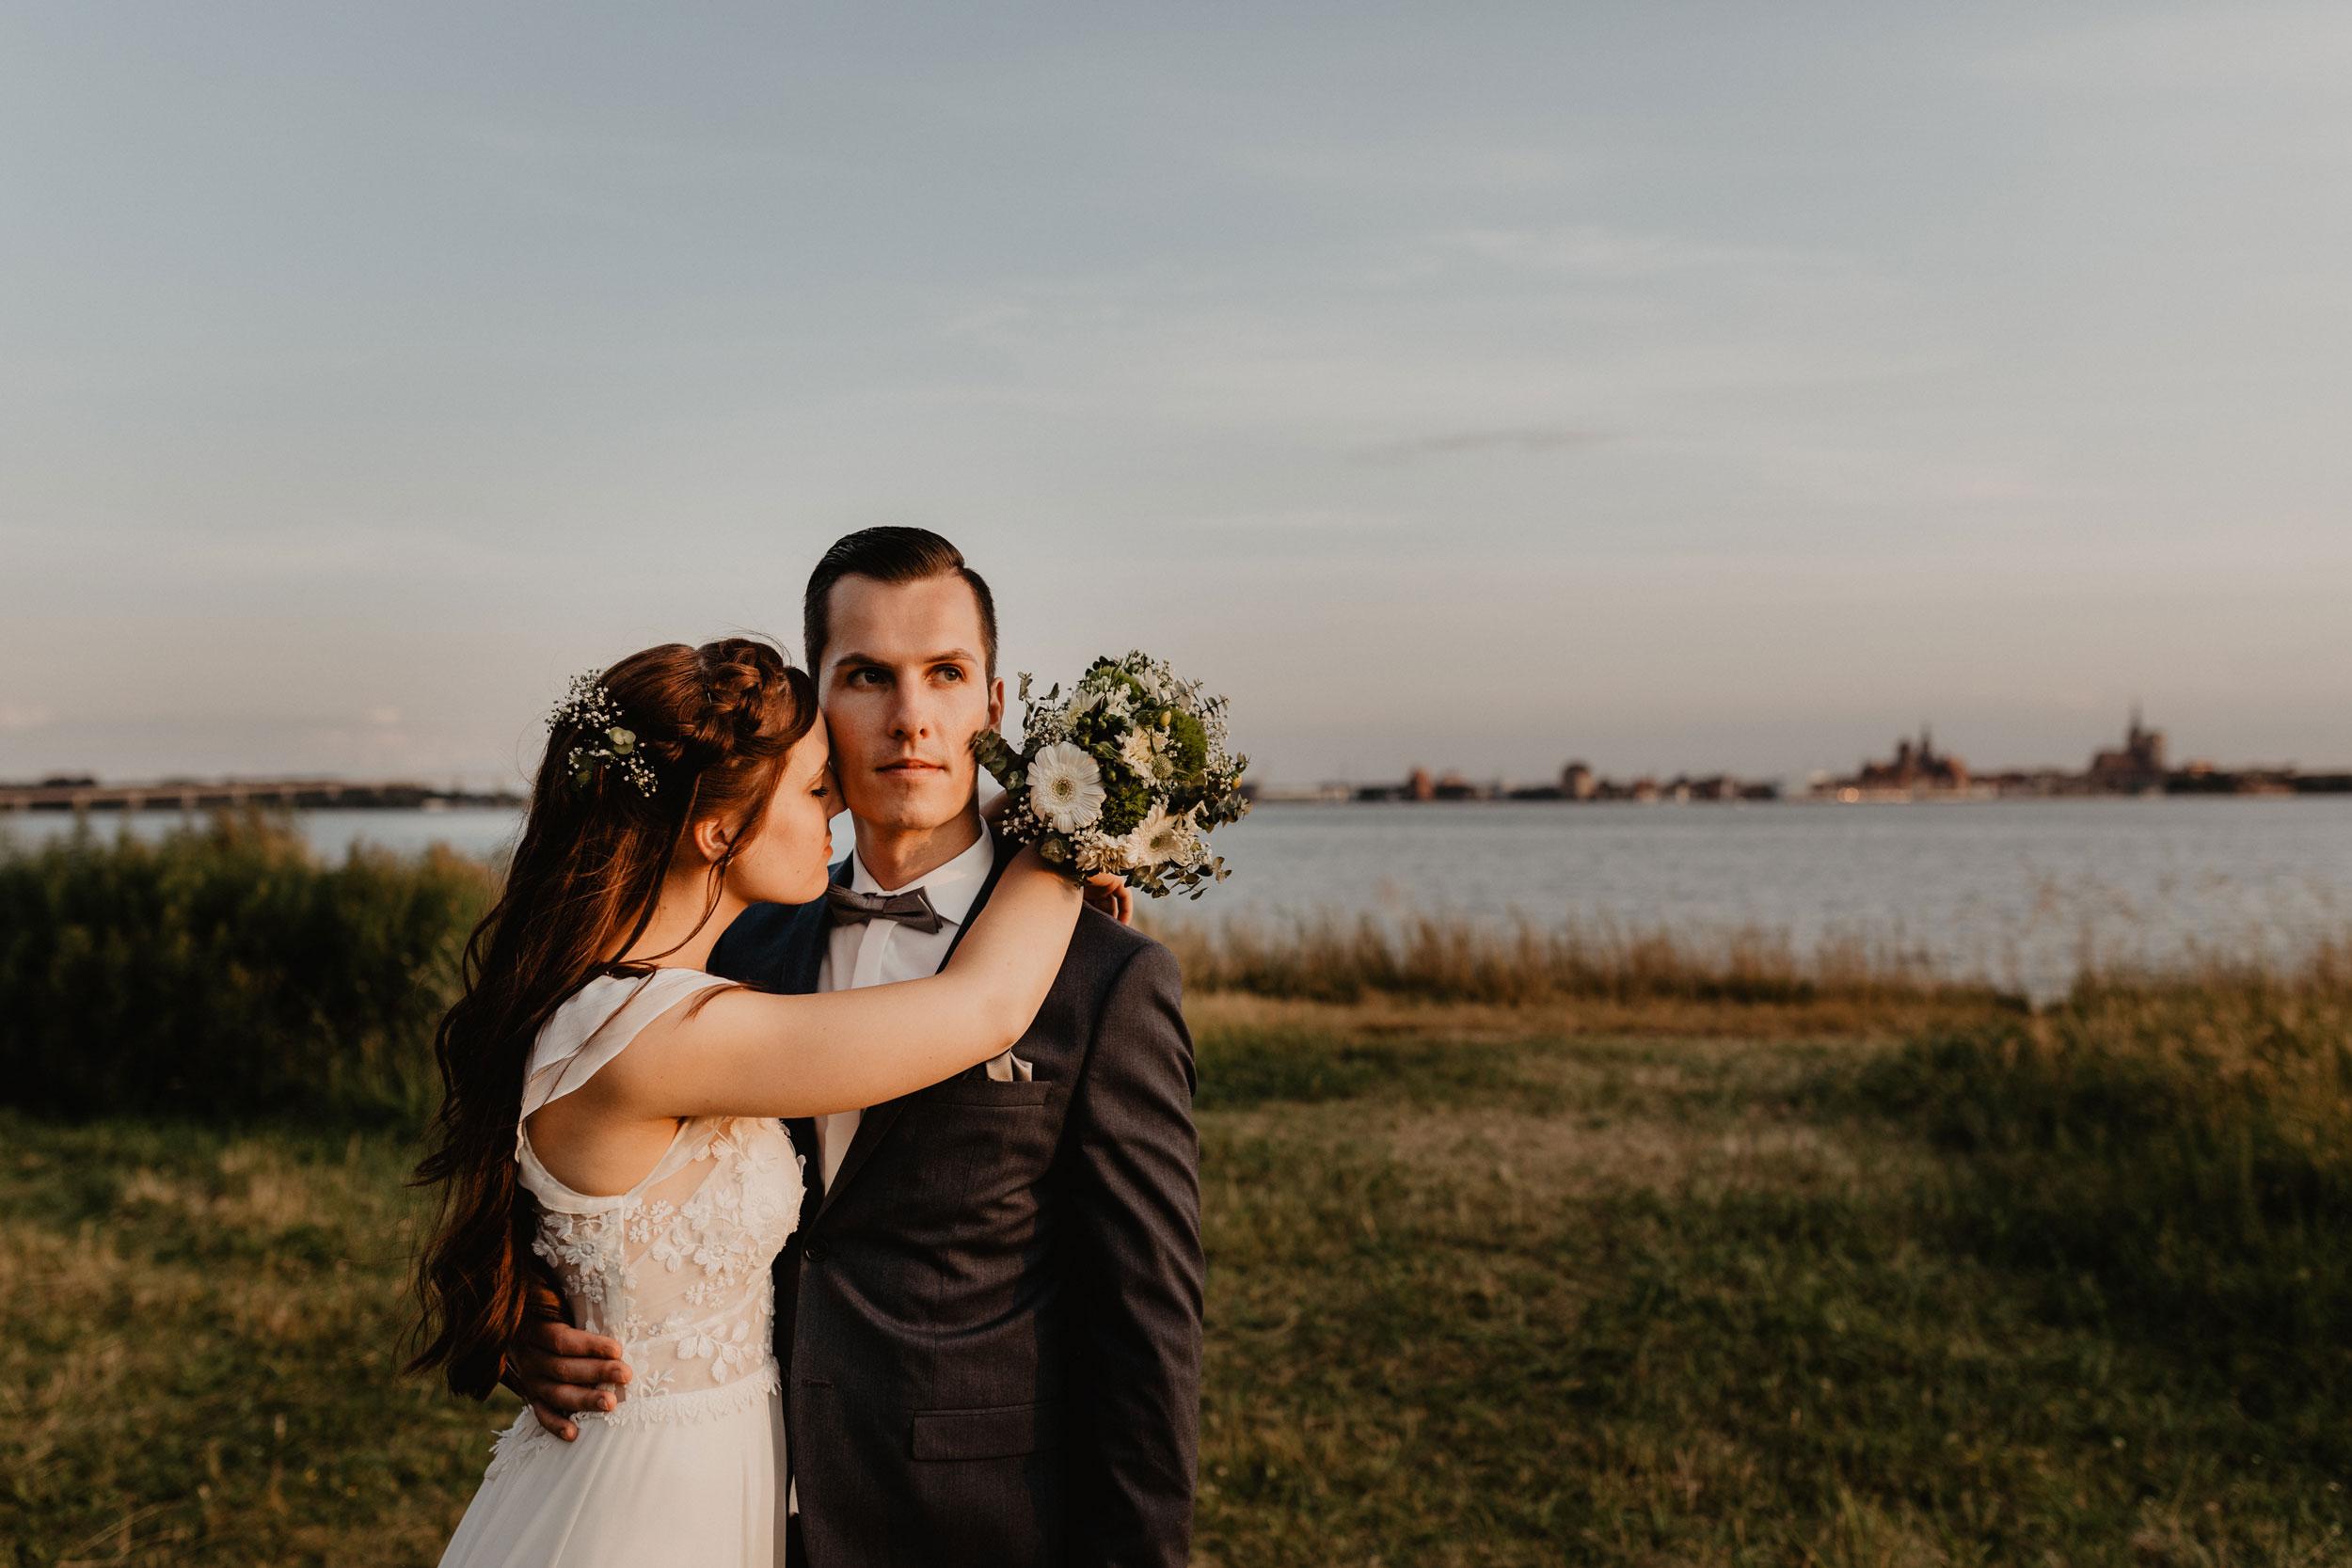 Braut mit Brautstrauß - Hochzeitsfotos im Palmengarten Frankfurt